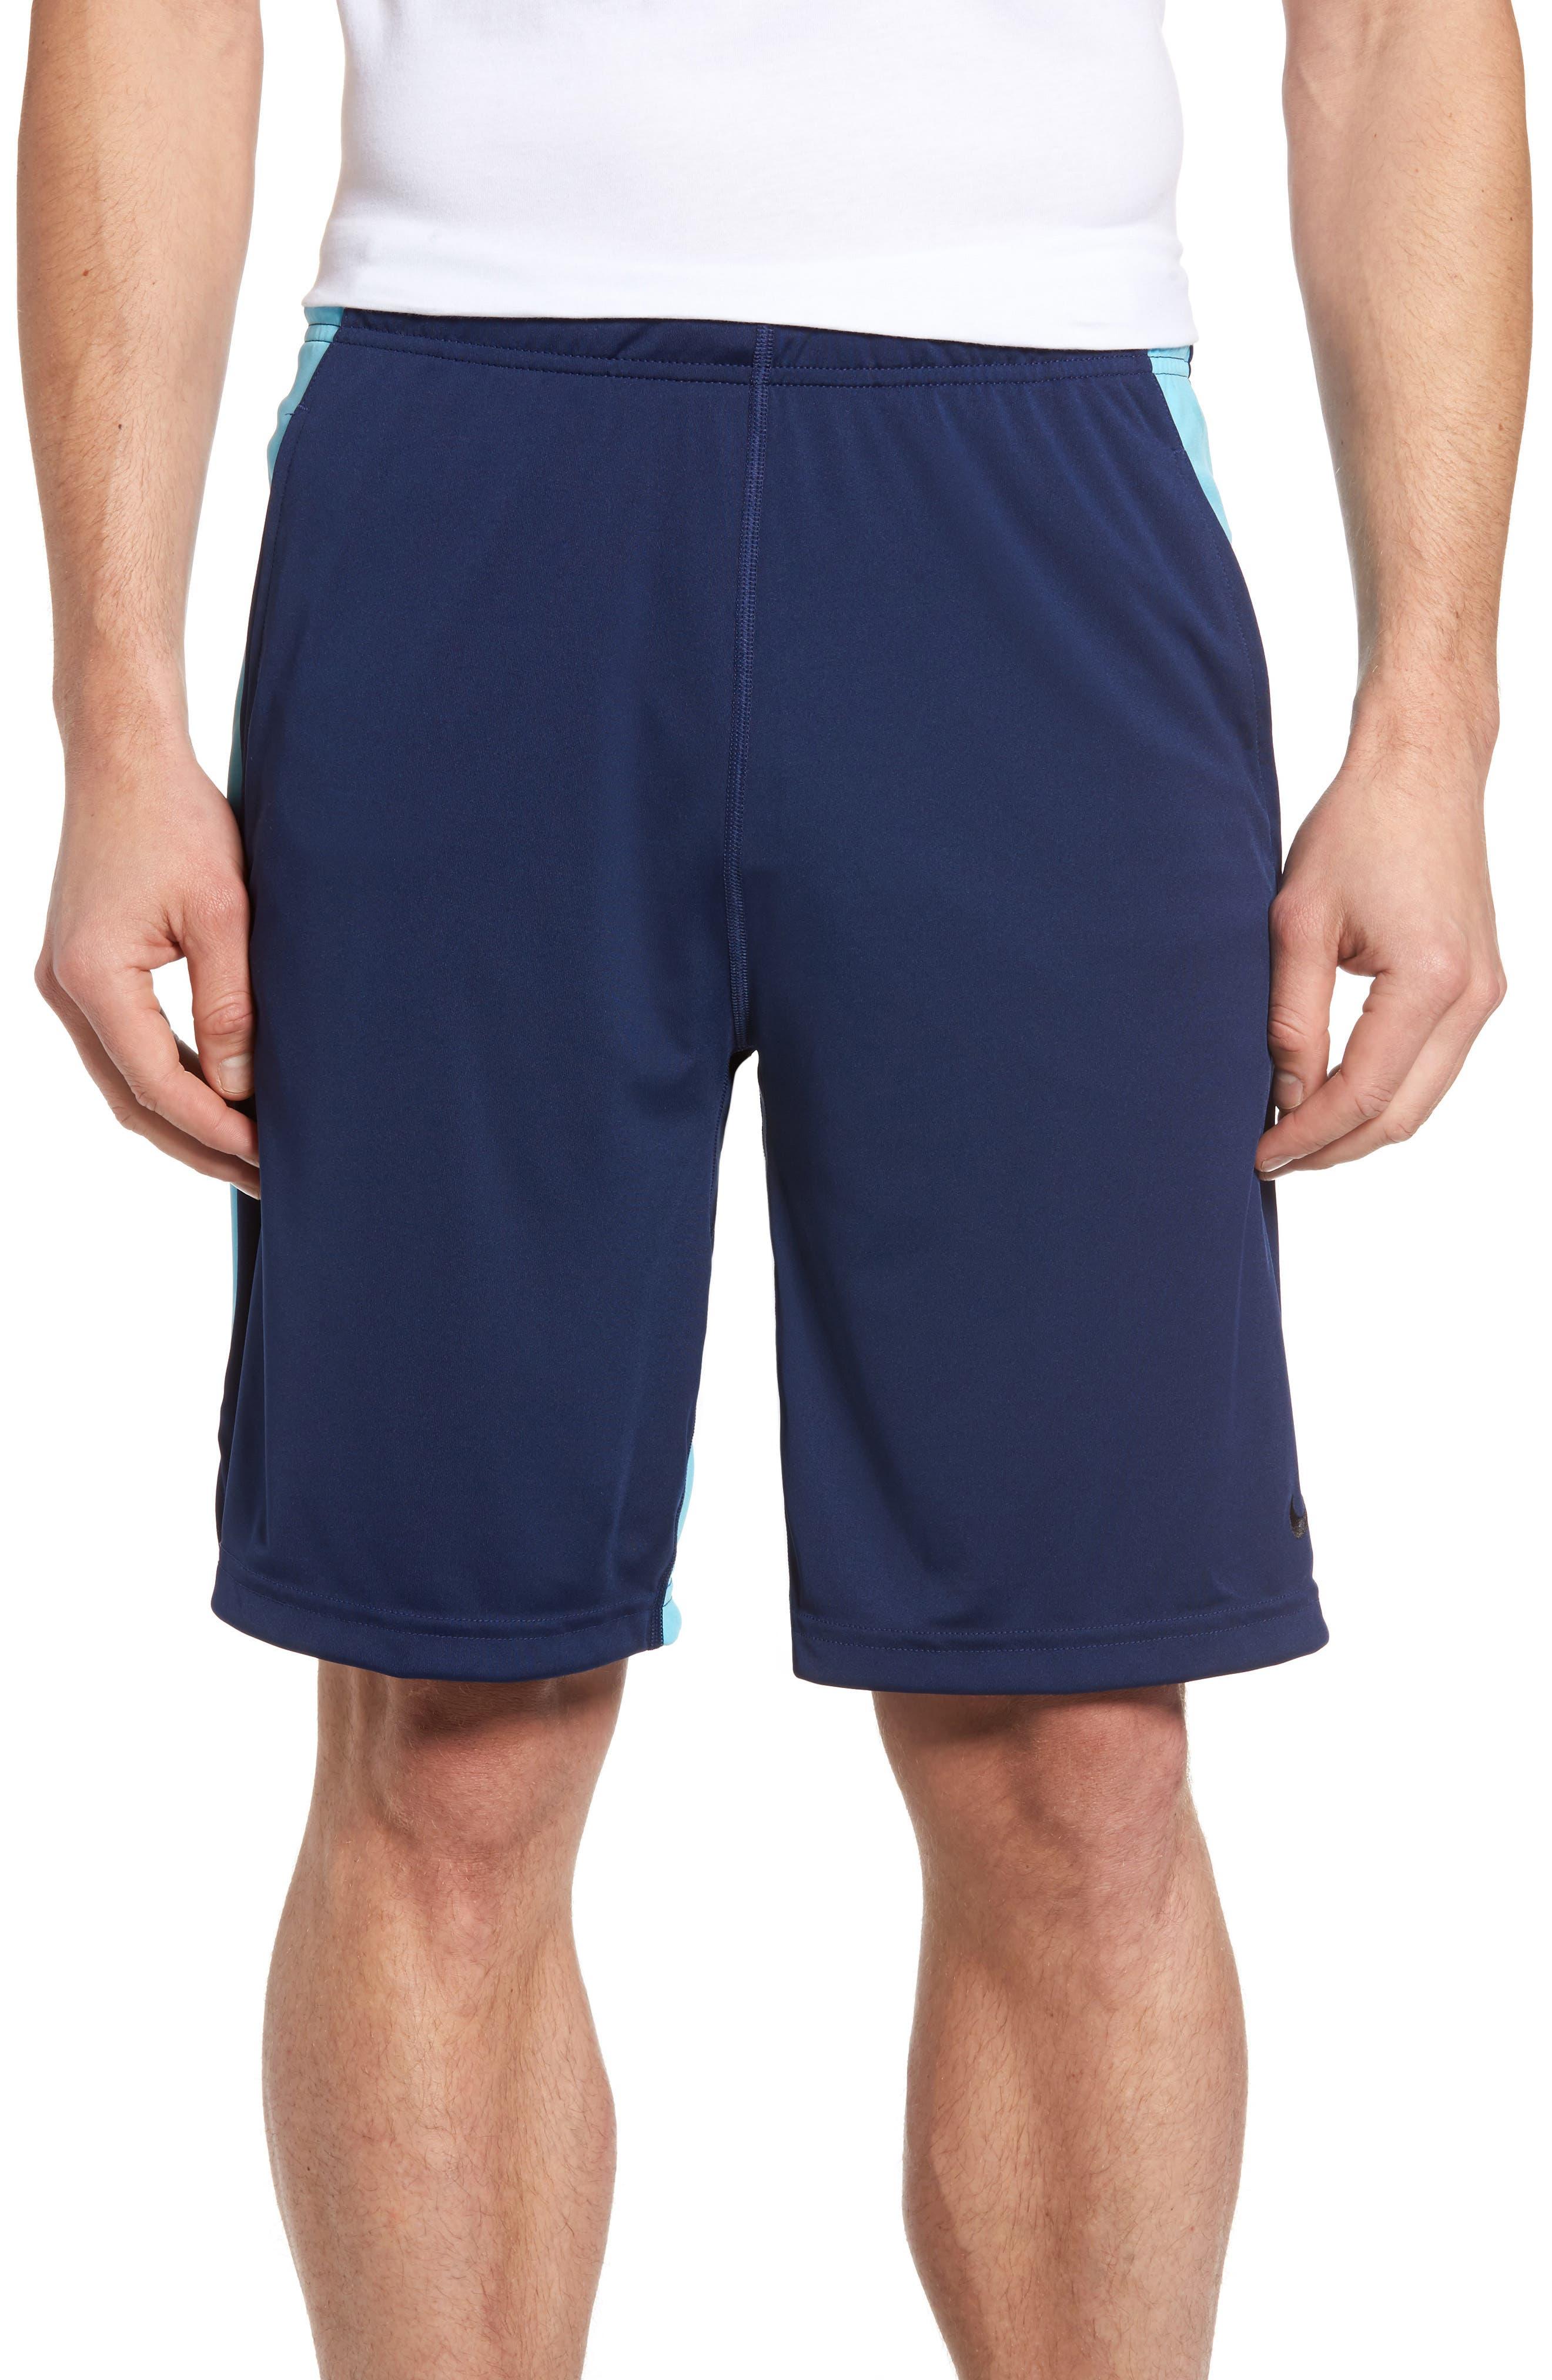 'Fly' Dri-FIT Training Shorts,                         Main,                         color, Binary Blue/ Vivid Sky